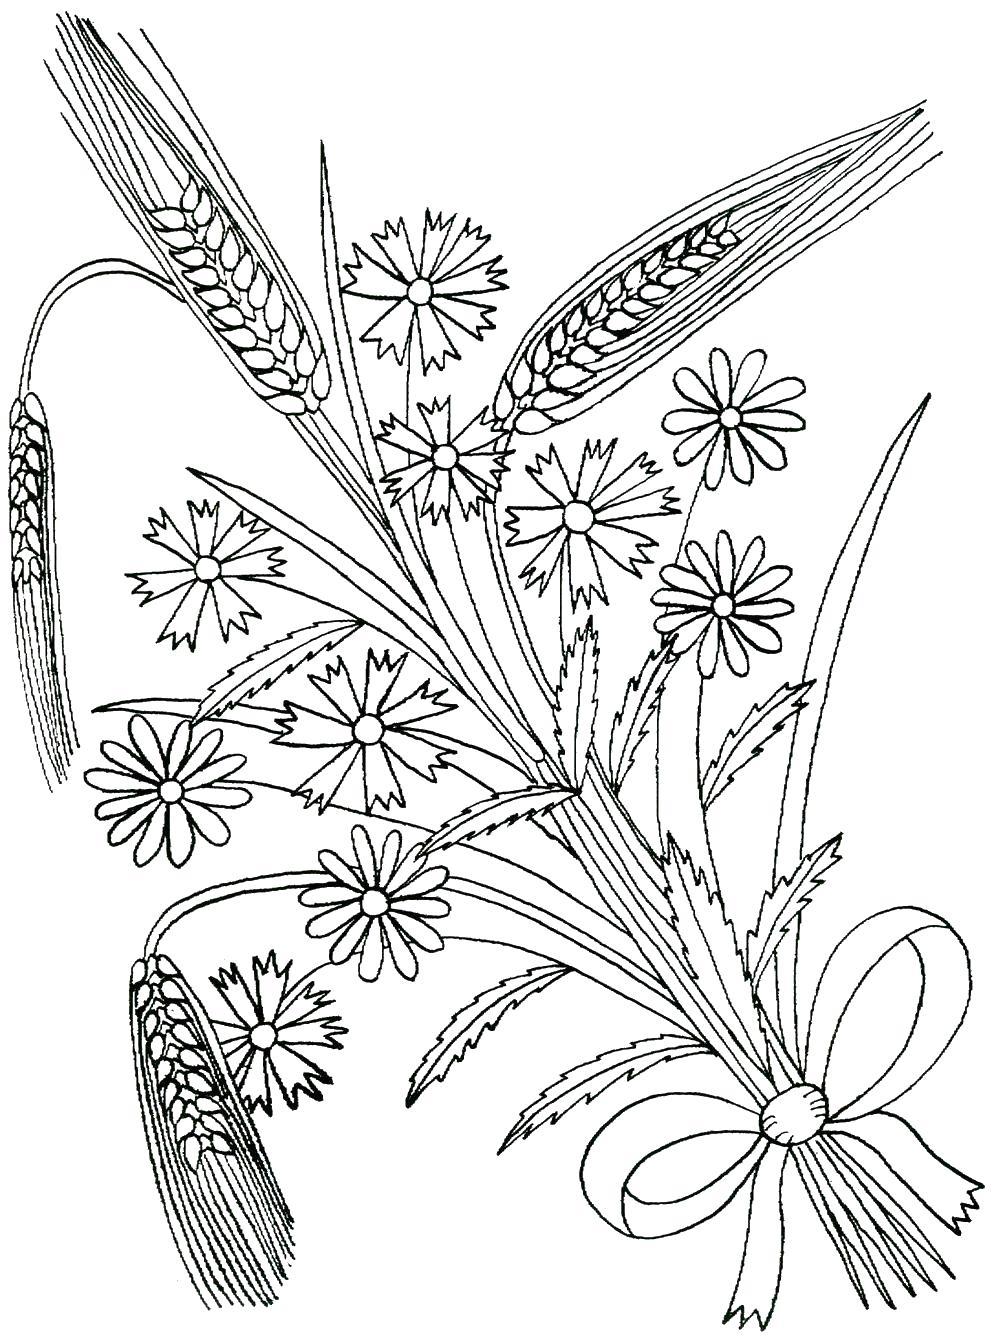 Летние цветы с колосками пшеницы